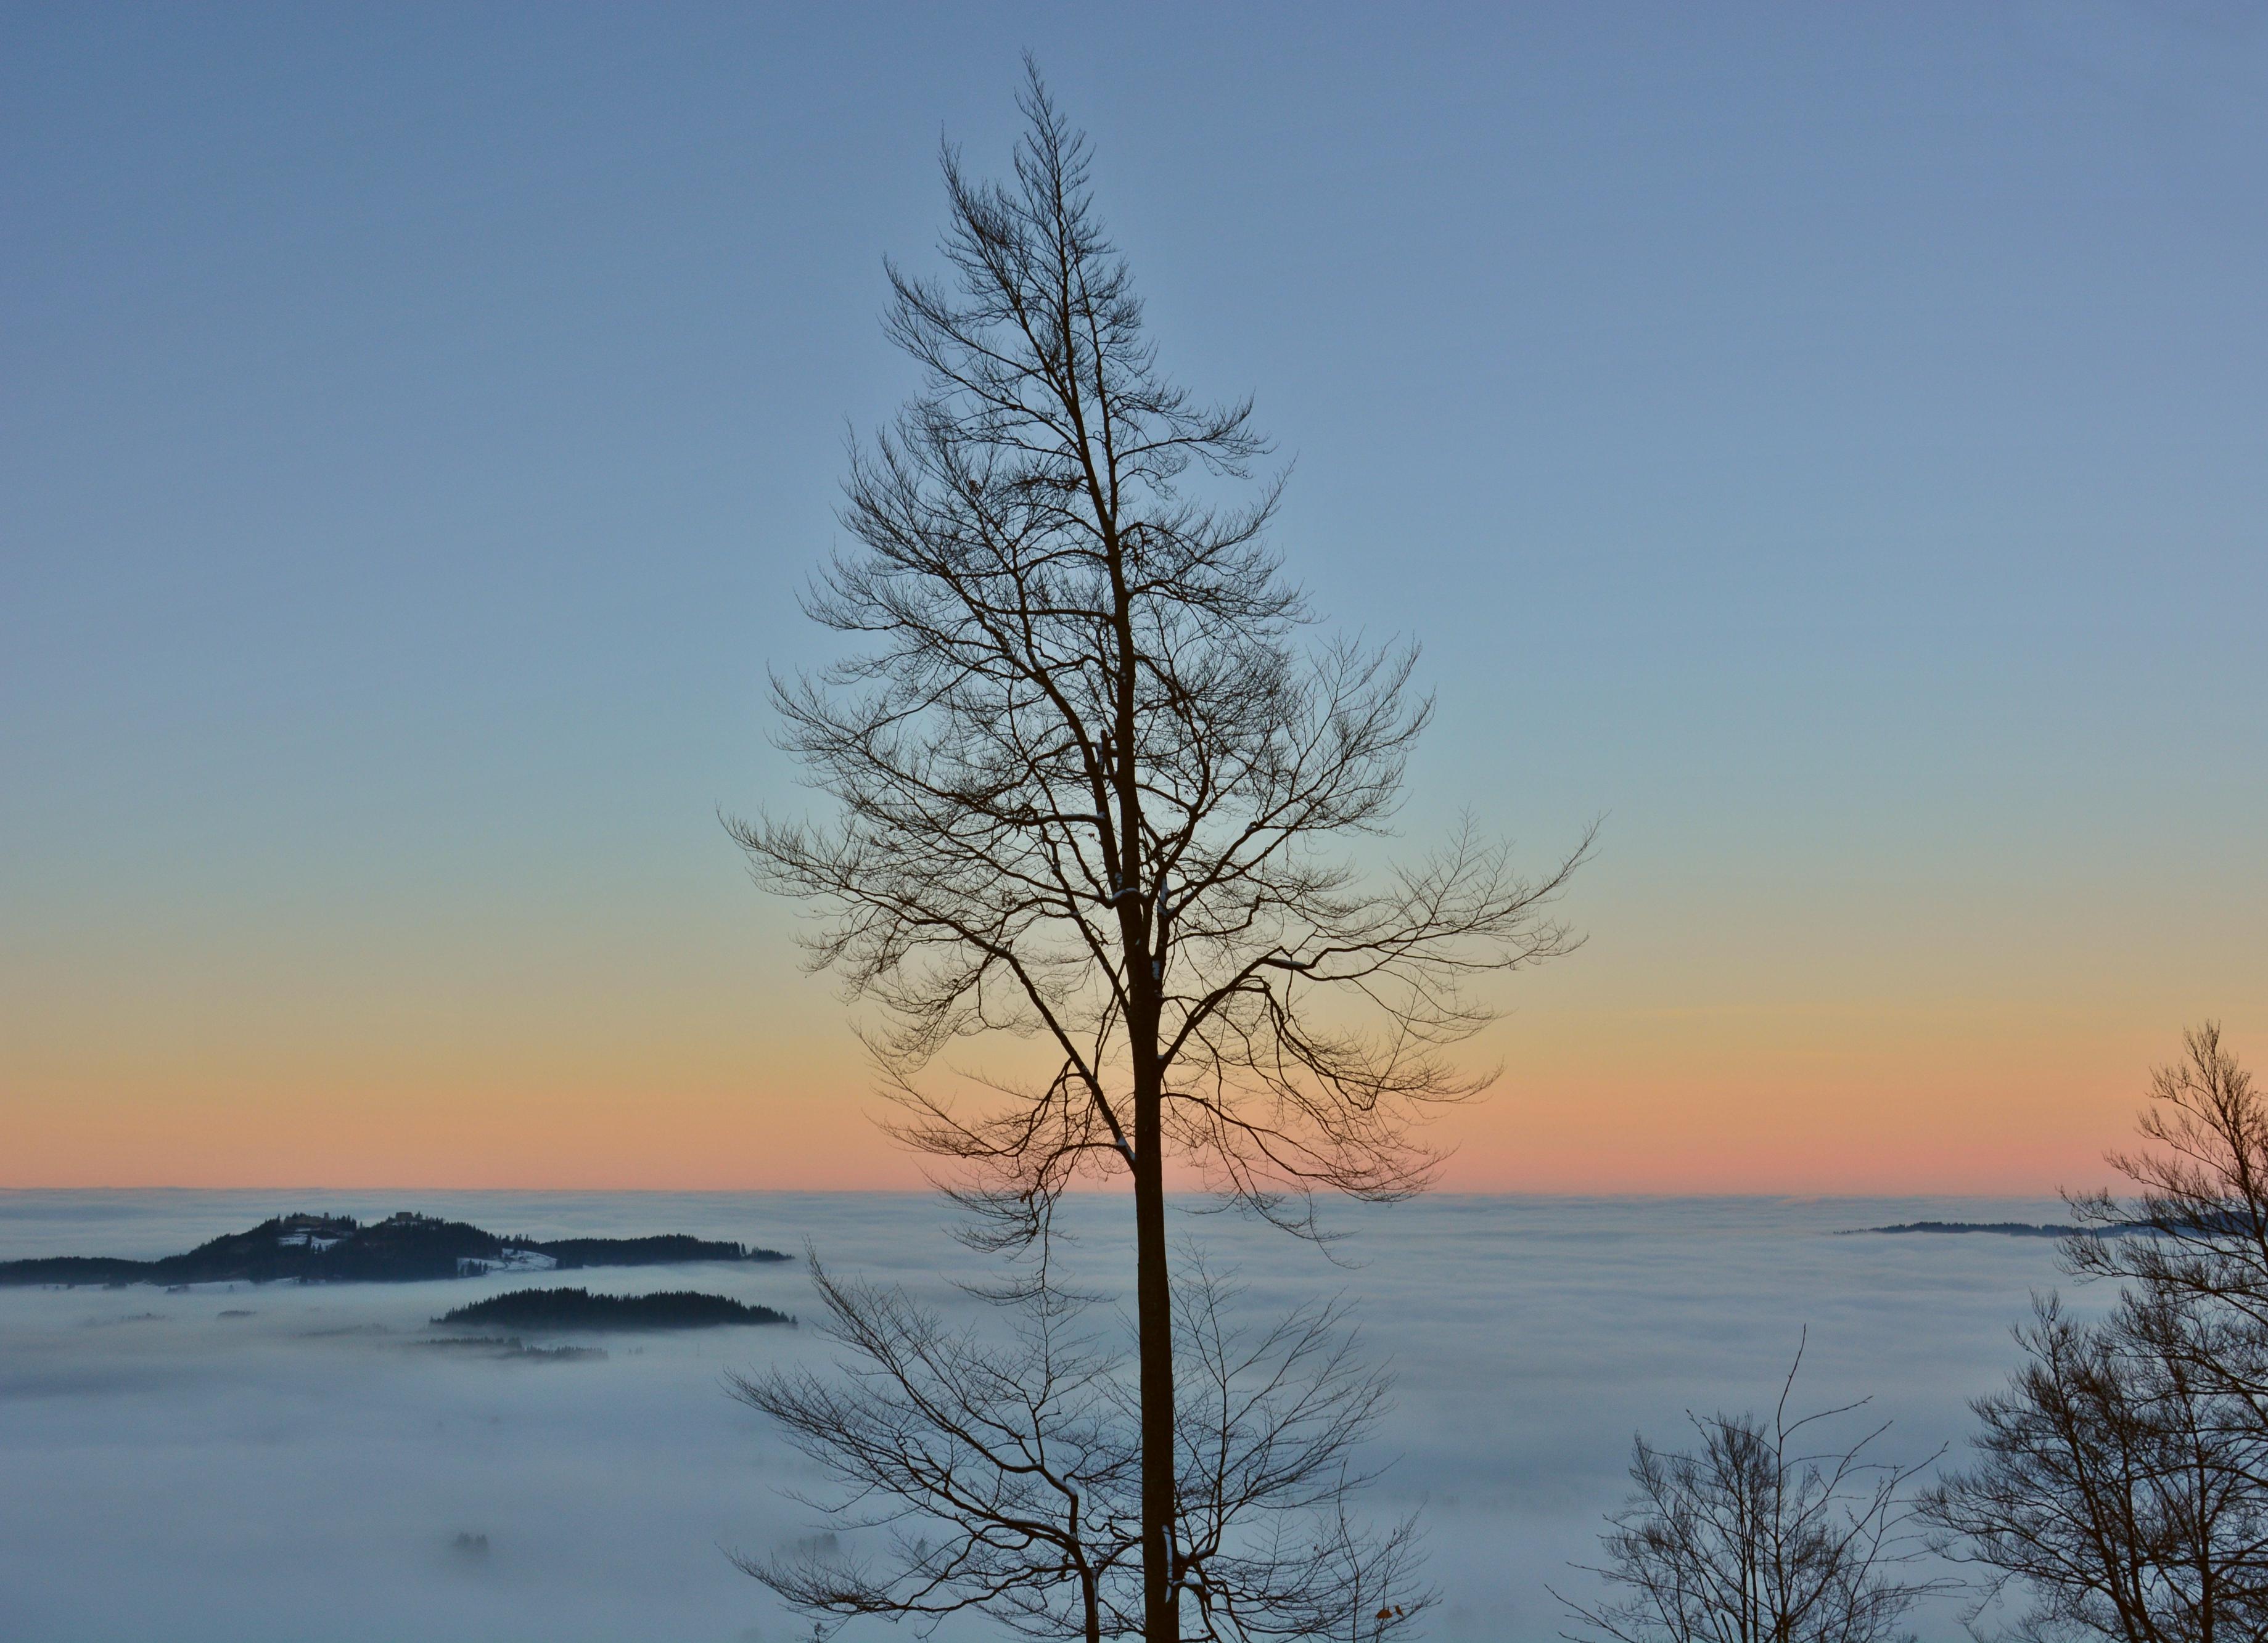 W0306_Abenddämmerung_überm_Wolkenmeer_Frey-_und_Eisenberg.jpg